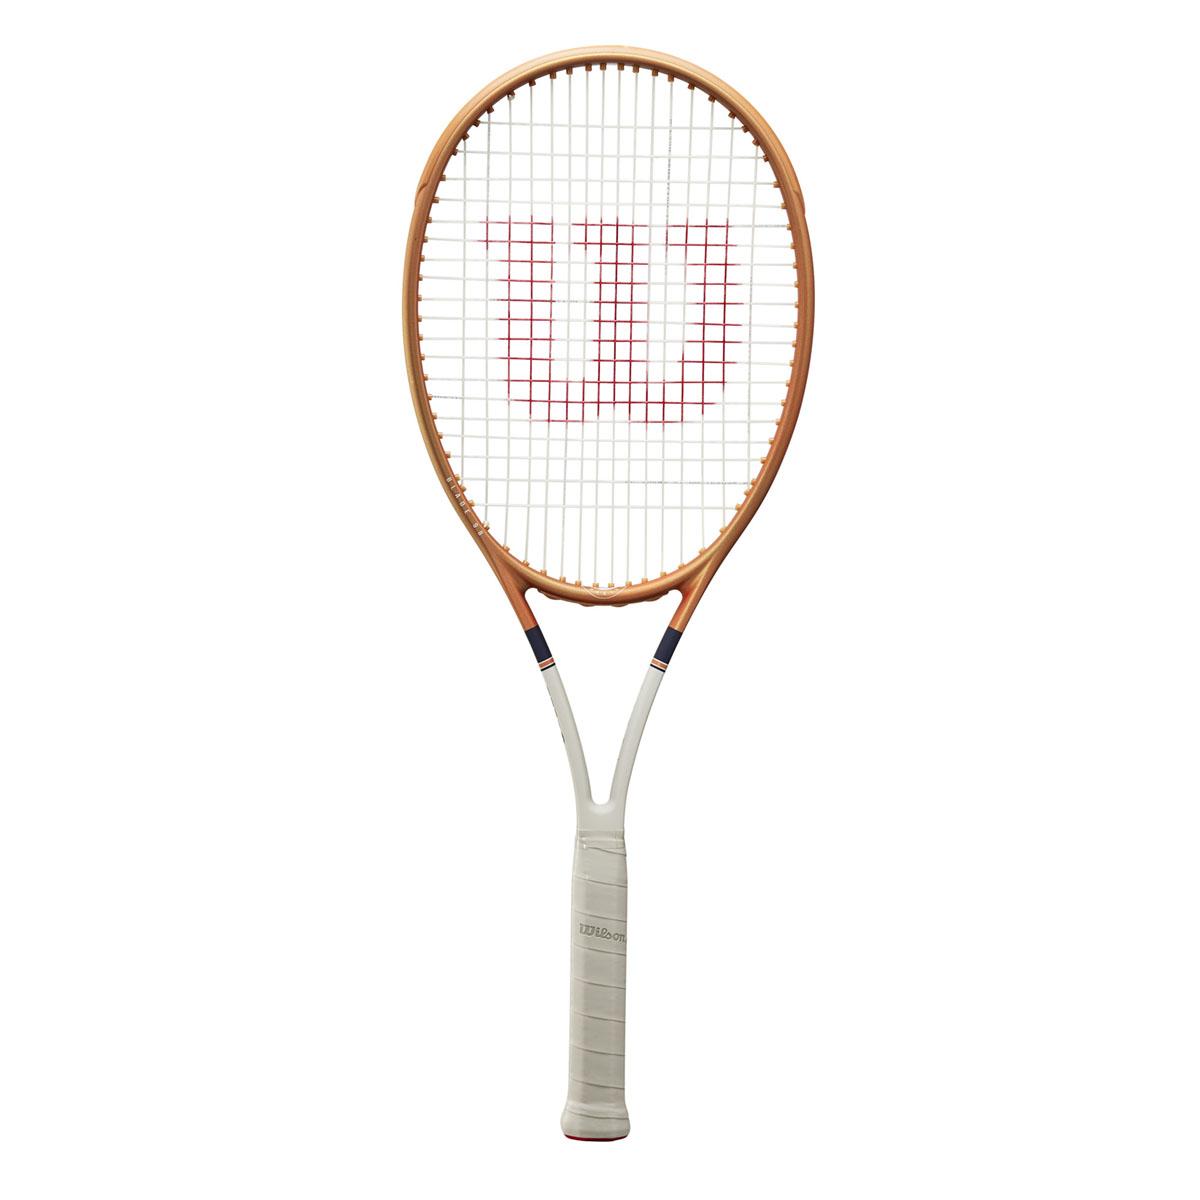 WR068611U_0_Blade_98_16x19_Roland_Garros_OR_BU_GY.png.cq5dam.web.2000.2000